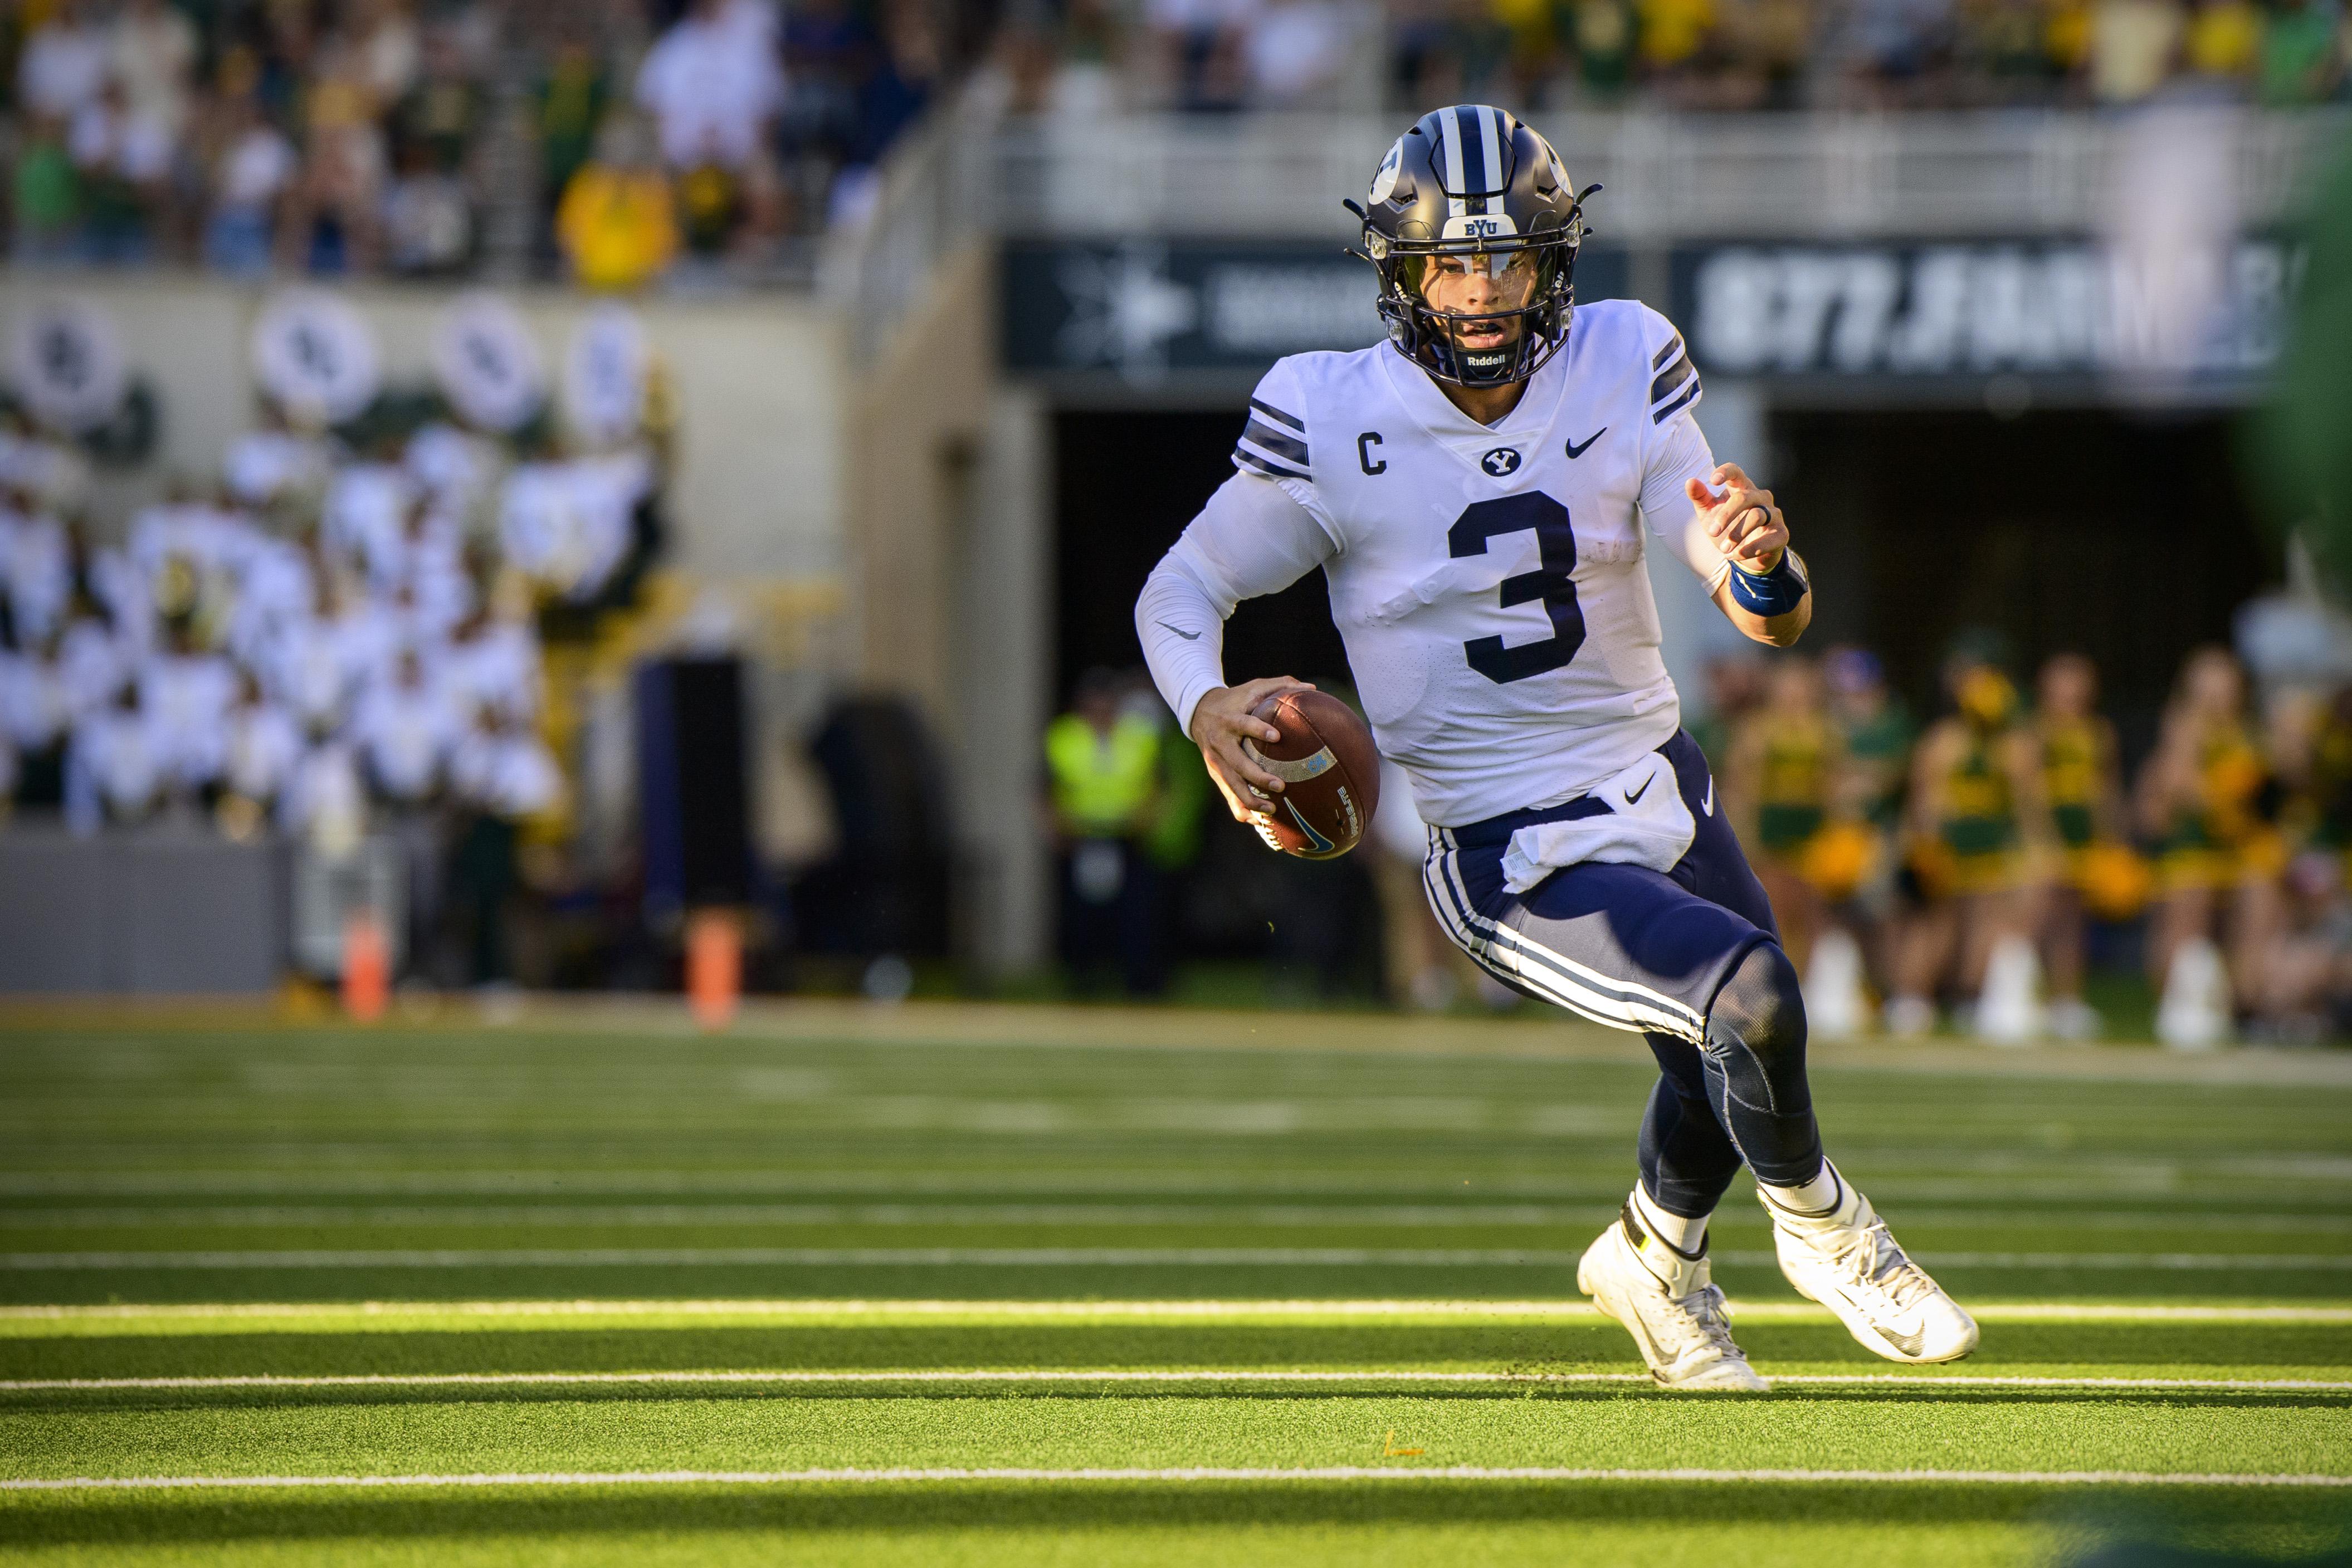 NCAA Football: Brigham Young at Baylor